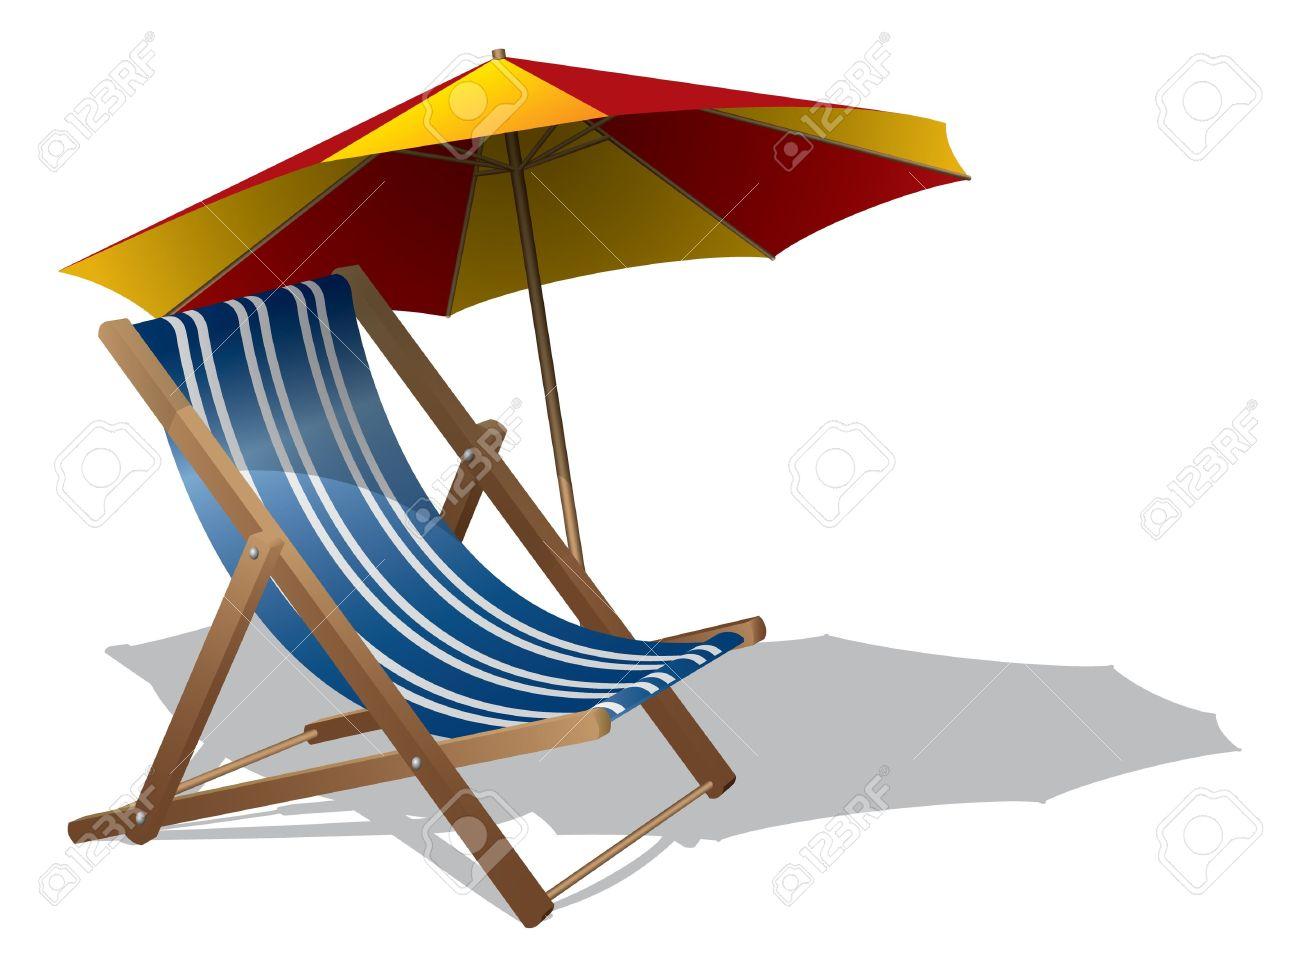 Beach chair and umbrella sketch - Beach Umbrella Beach Chair With Umbrella